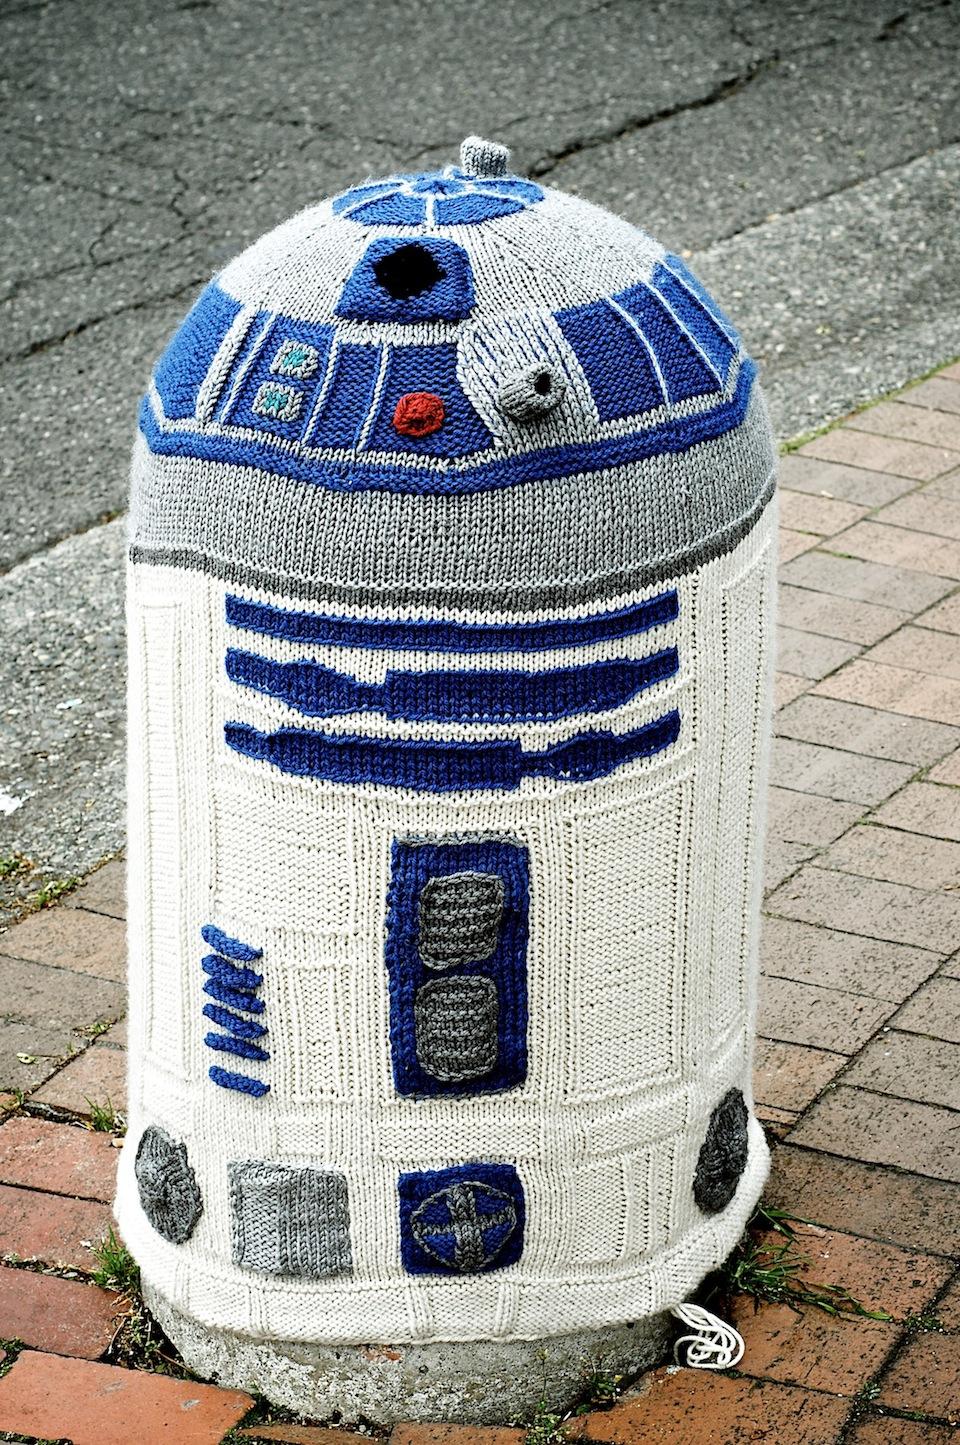 R2D2 Yarn bombing